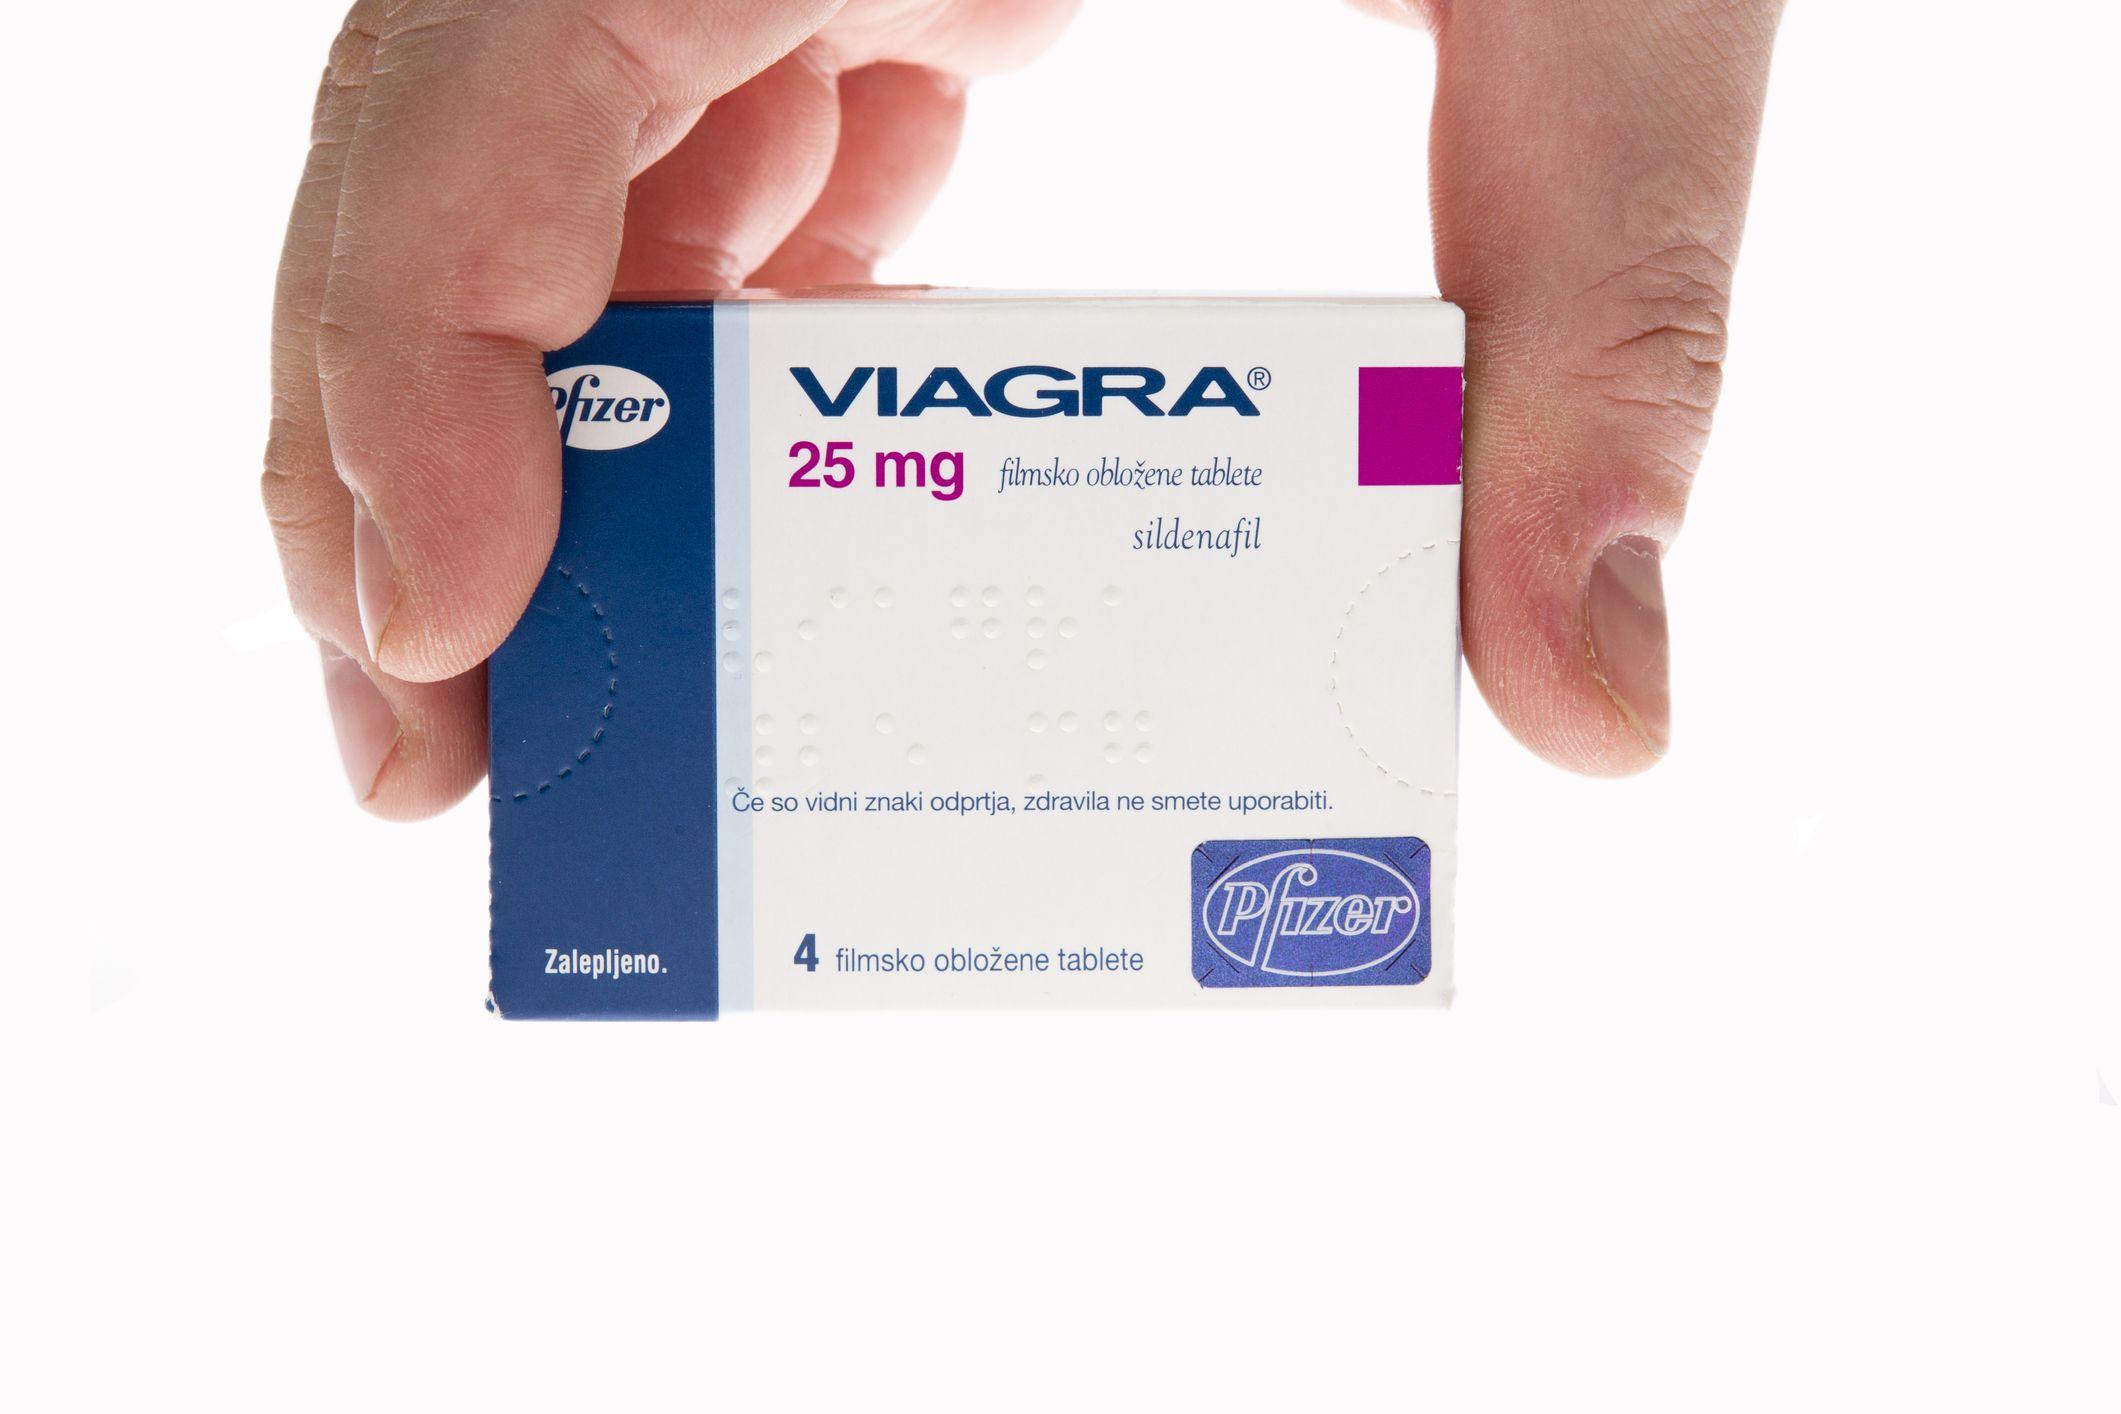 magas vérnyomás és viagra